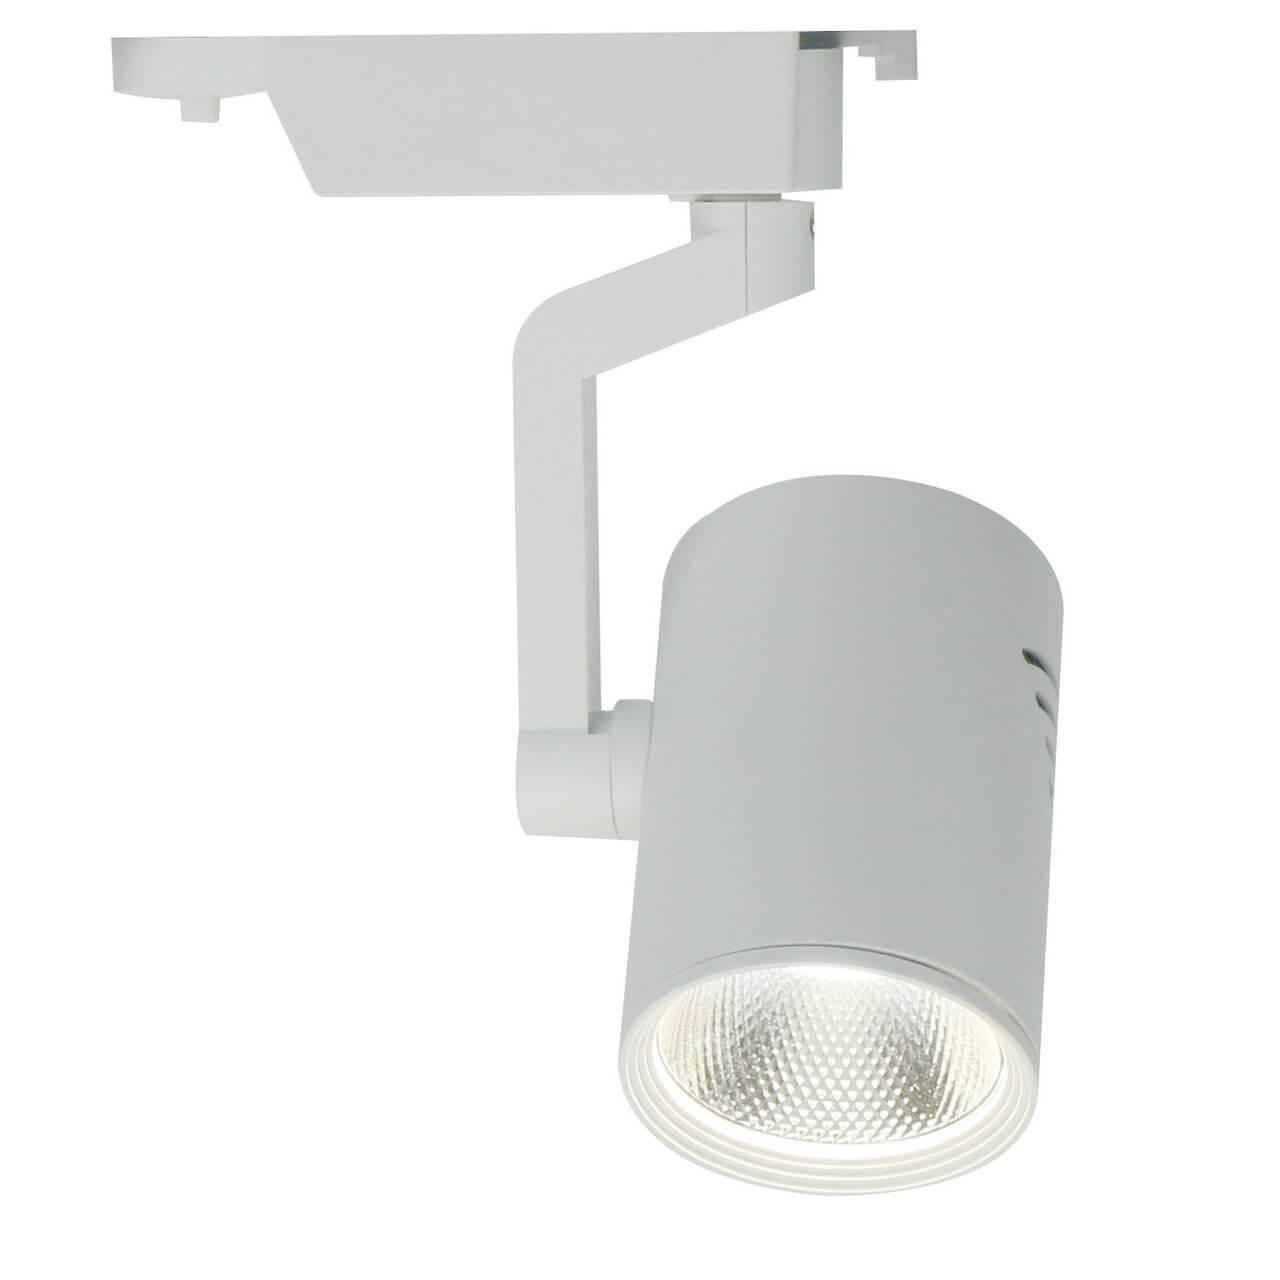 Светильник потолочный Artelamp A2310PL-1WH светильник потолочный artelamp a2321pl 1wh